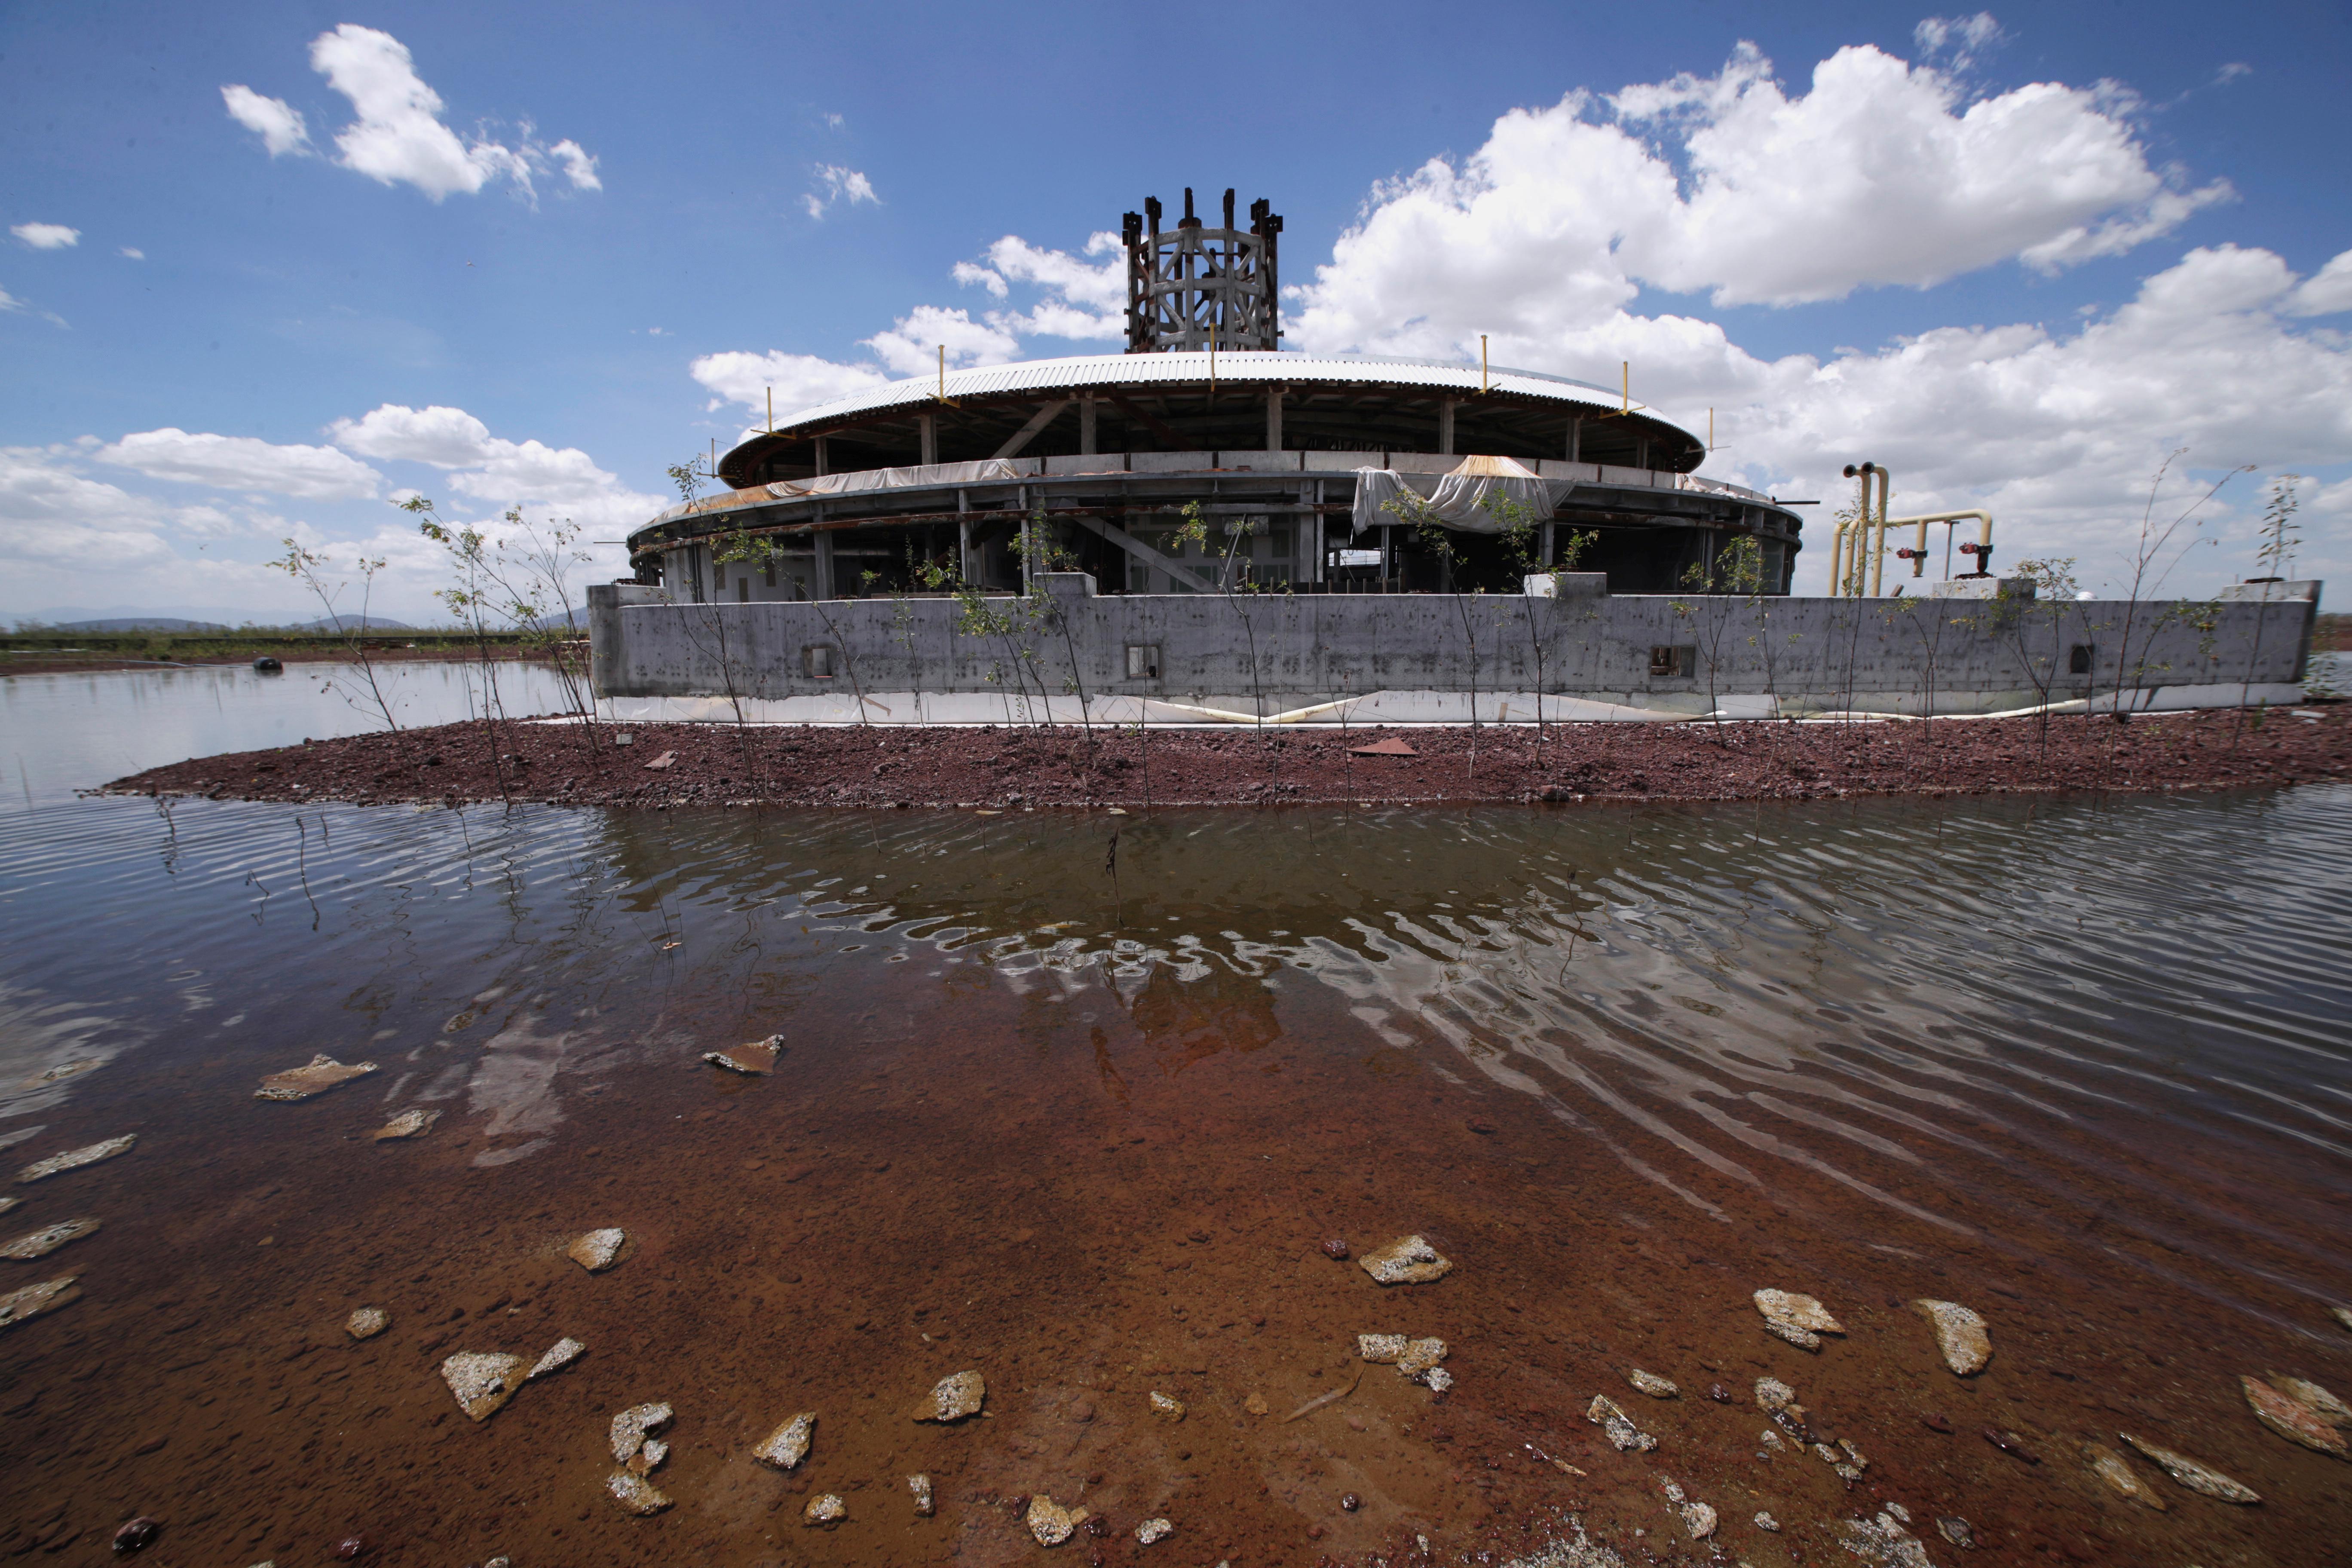 En lugar del elegante diseño de Foster, cuyos galardonados edificios en forma de red de acero y vidrio salpican el mundo, López Obrador optó por expandir una base aérea militar a las afueras de la ciudad.